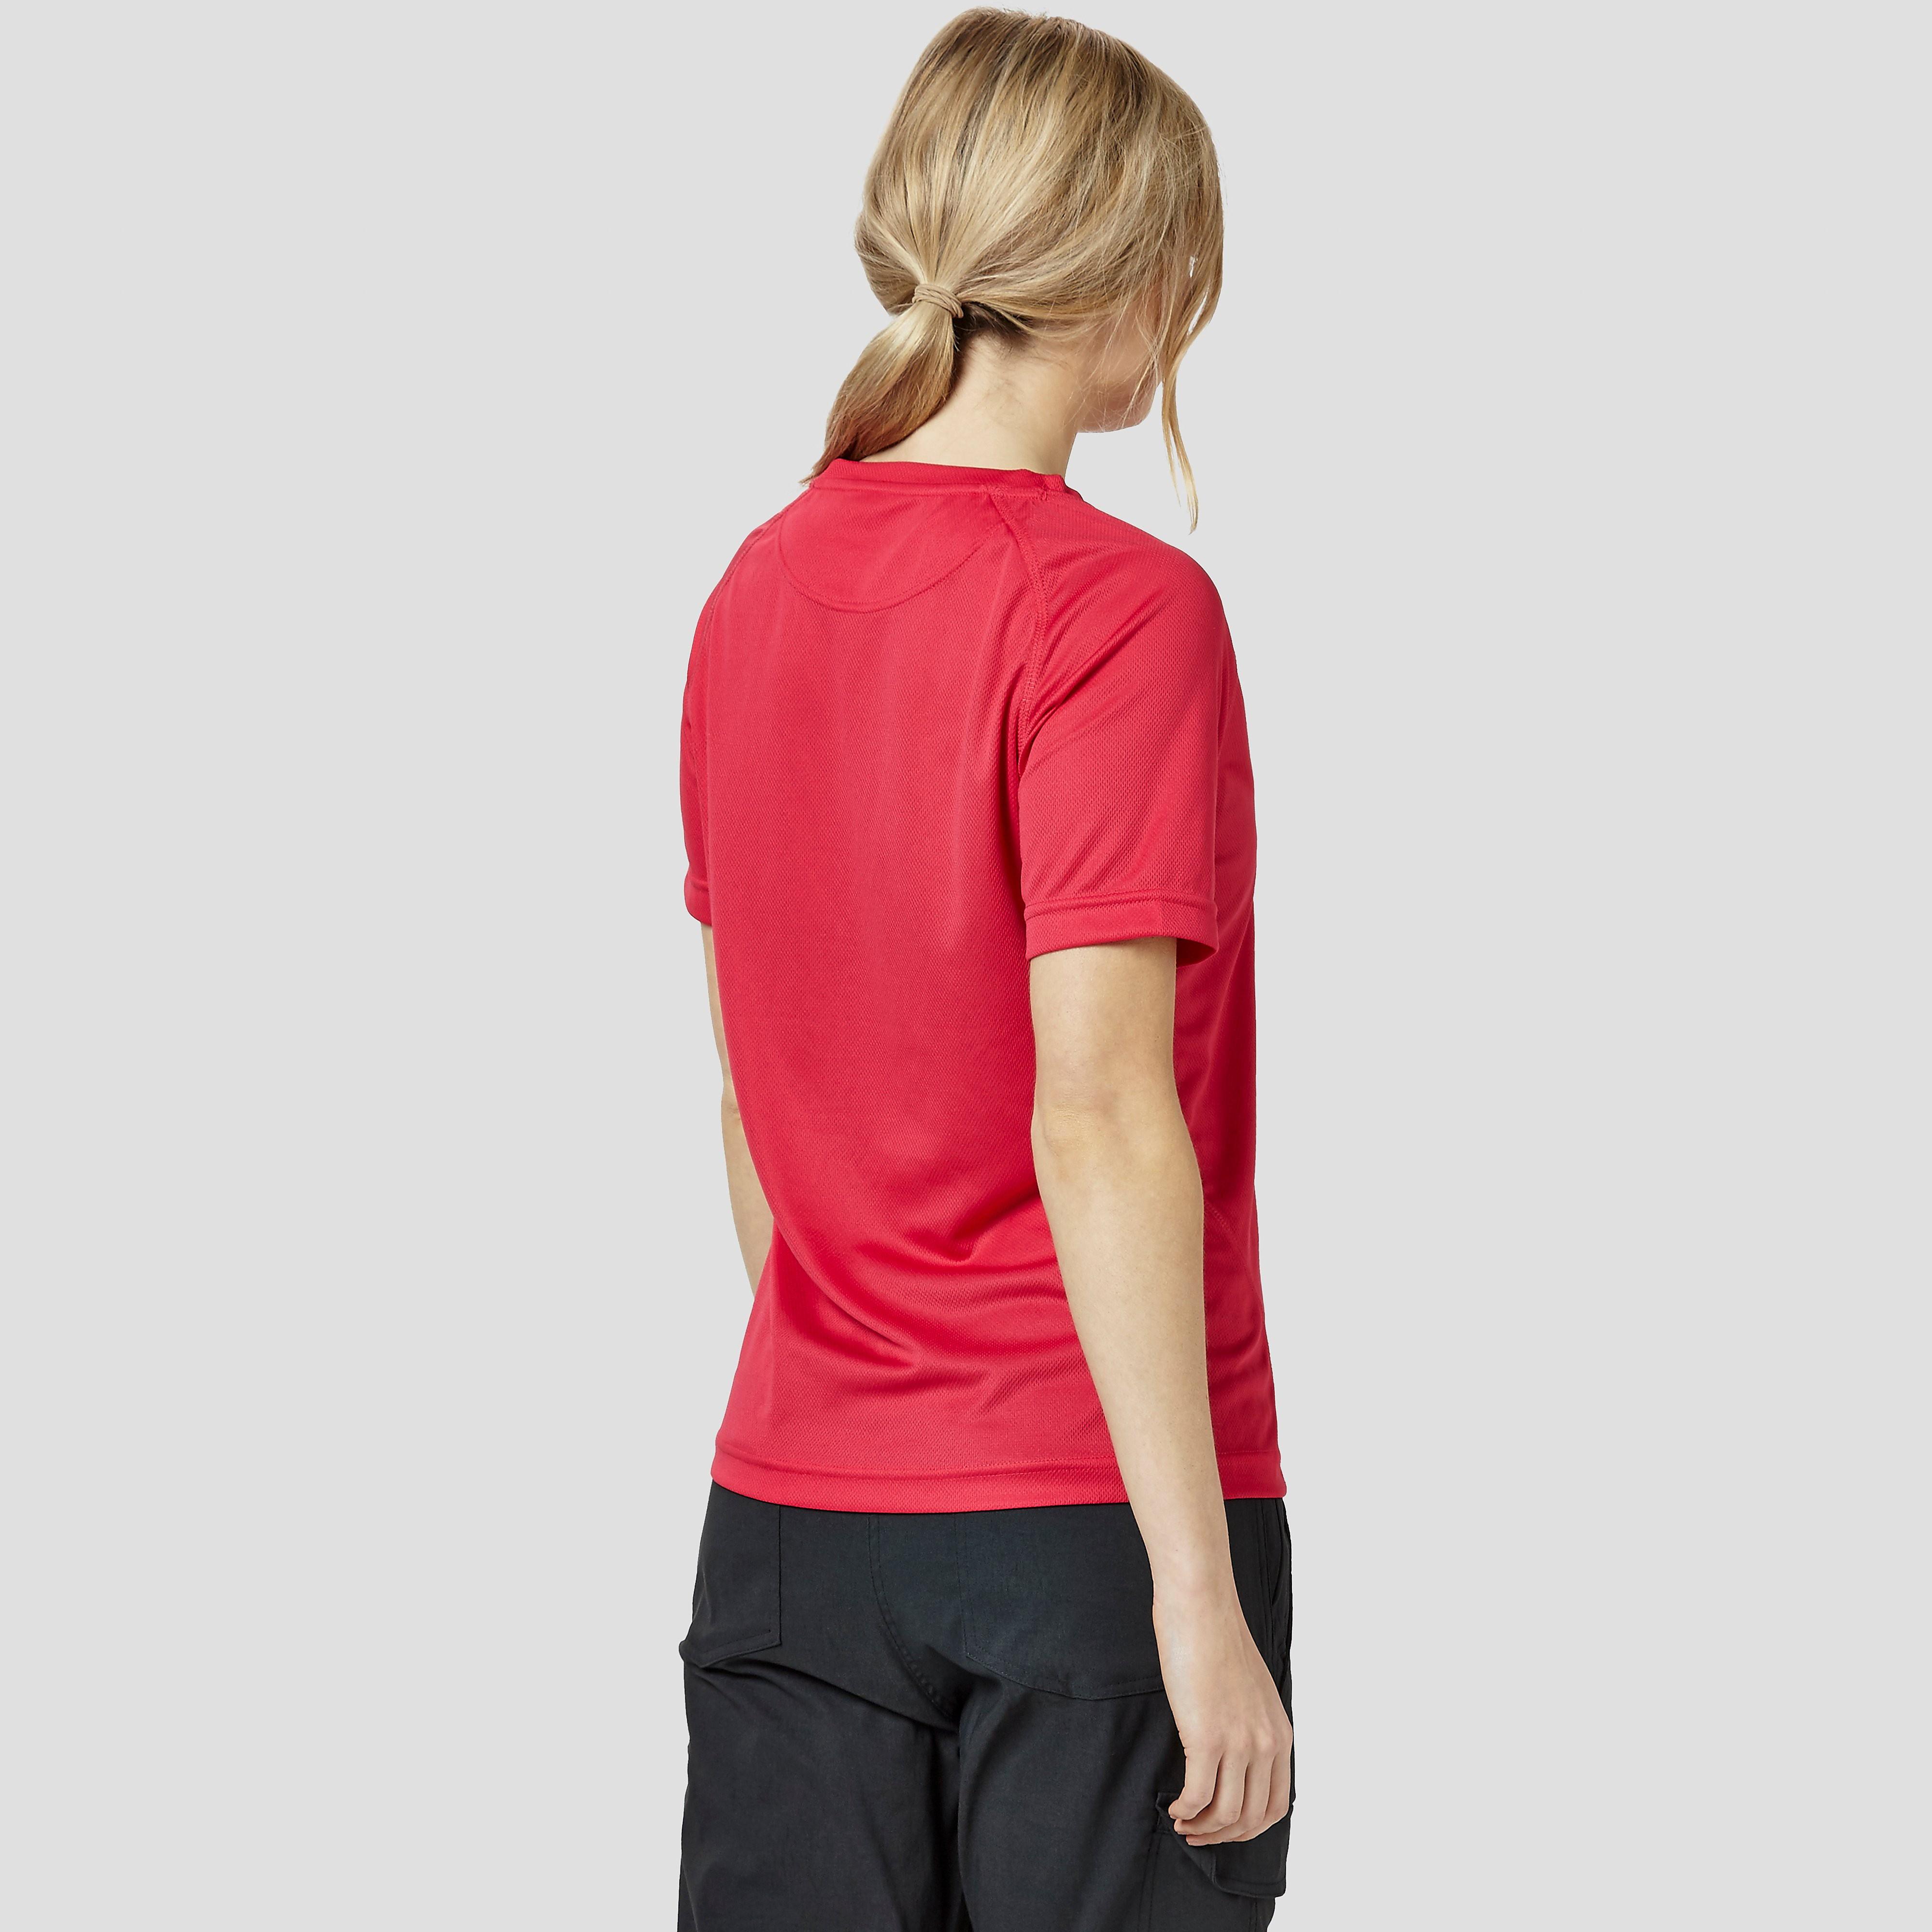 Peter Storm Women's Tech V Neck T-Shirt